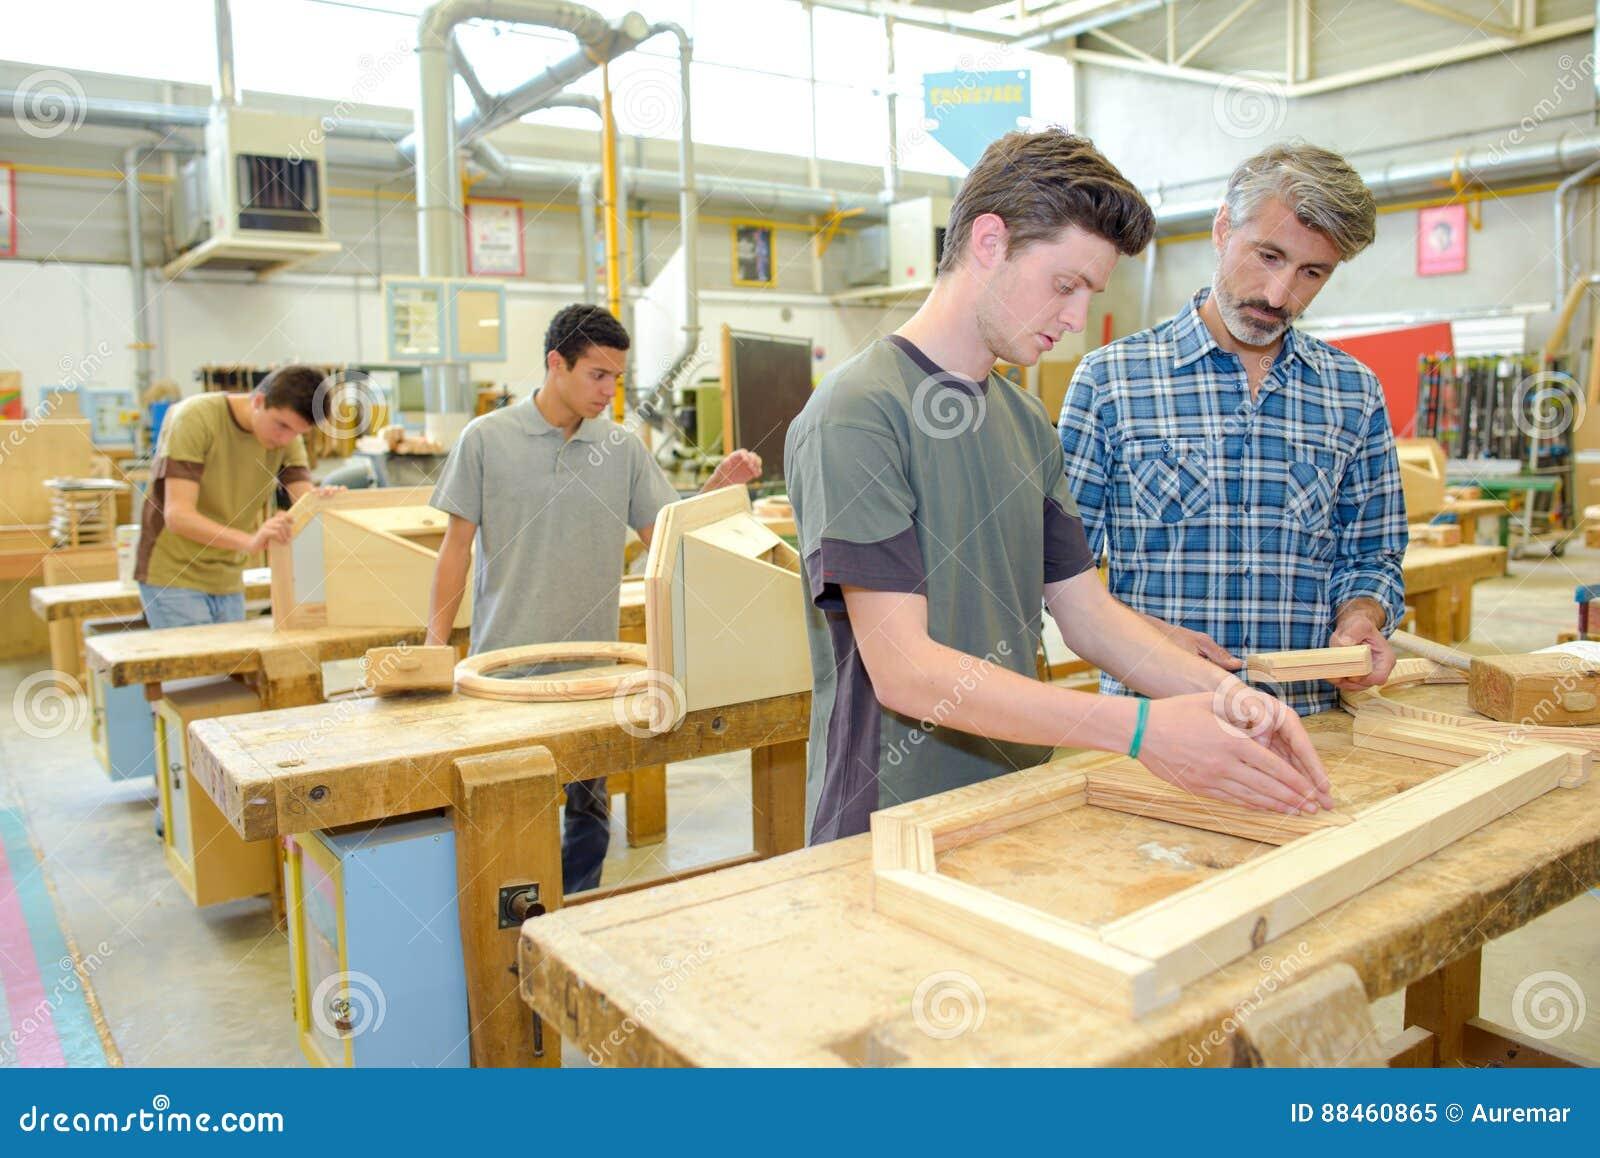 studenten-houtbewerkingsklasse-88460865.jpg